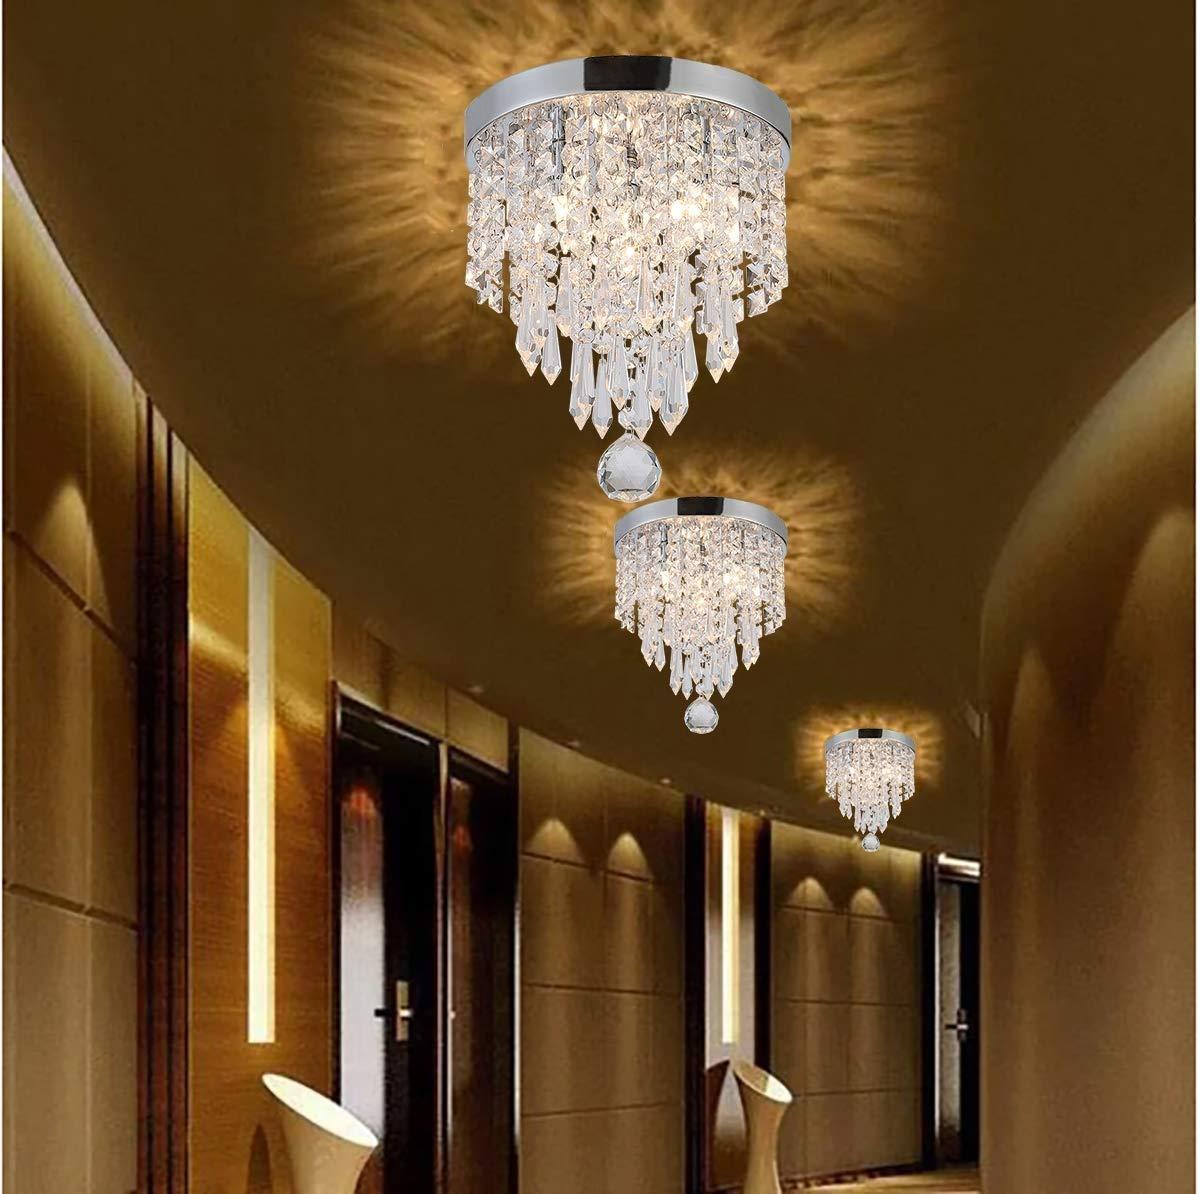 Schrank Flur M/ädchen Zimmer H10.6  x W8.6 HELIn Hochwertige Kristall Deckenleuchte Mini Kronleuchter Elegantes Design Moderne Kronleuchter 2-Licht Unterputz Leuchten f/ür Schlafzimmer Wohnzimmer